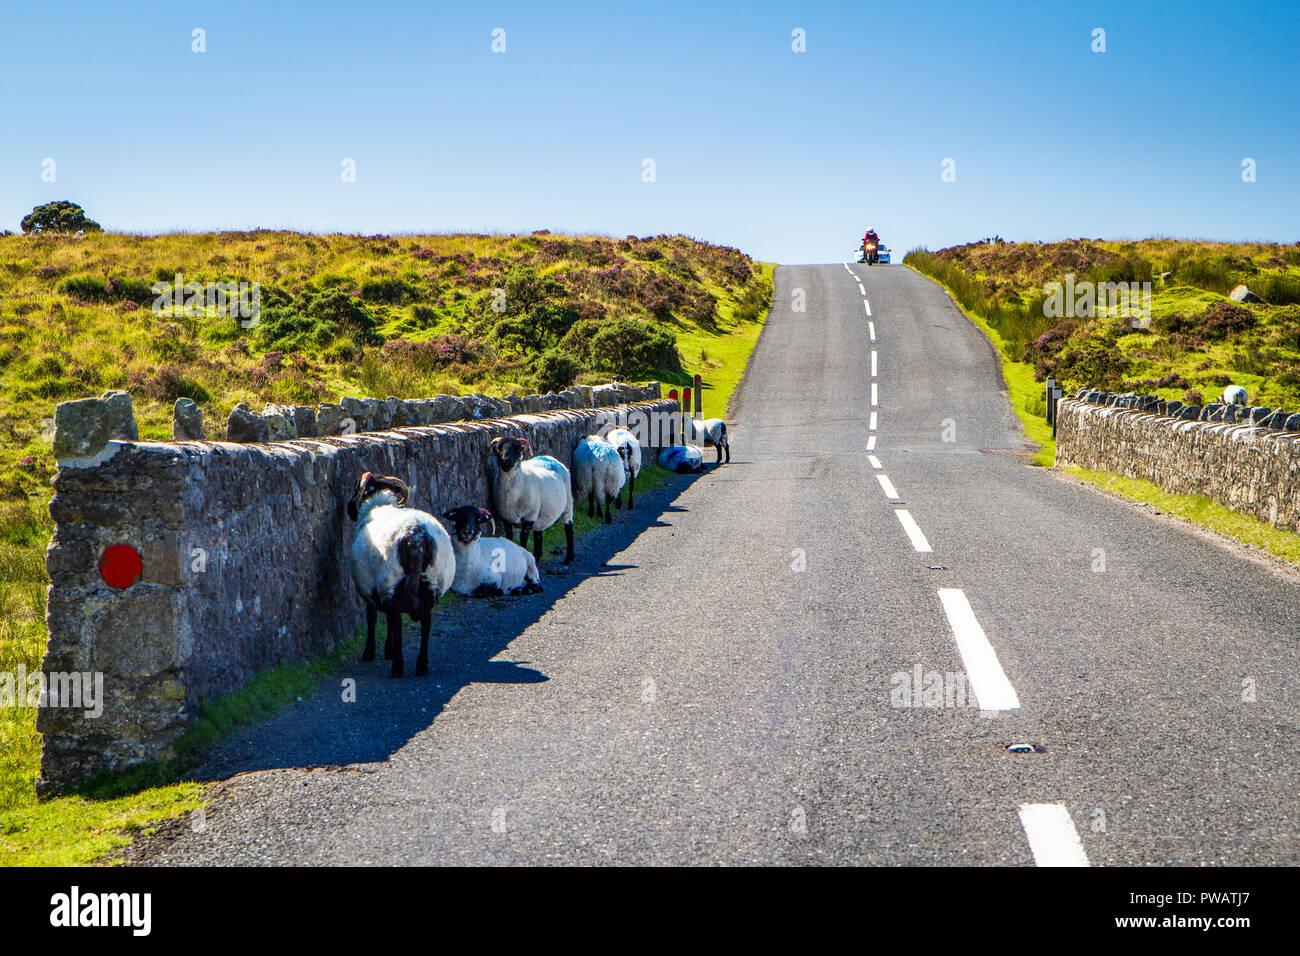 Scottish blackface sheep in Dartmoor seeking shadow during a summer heat wave - Stock Image